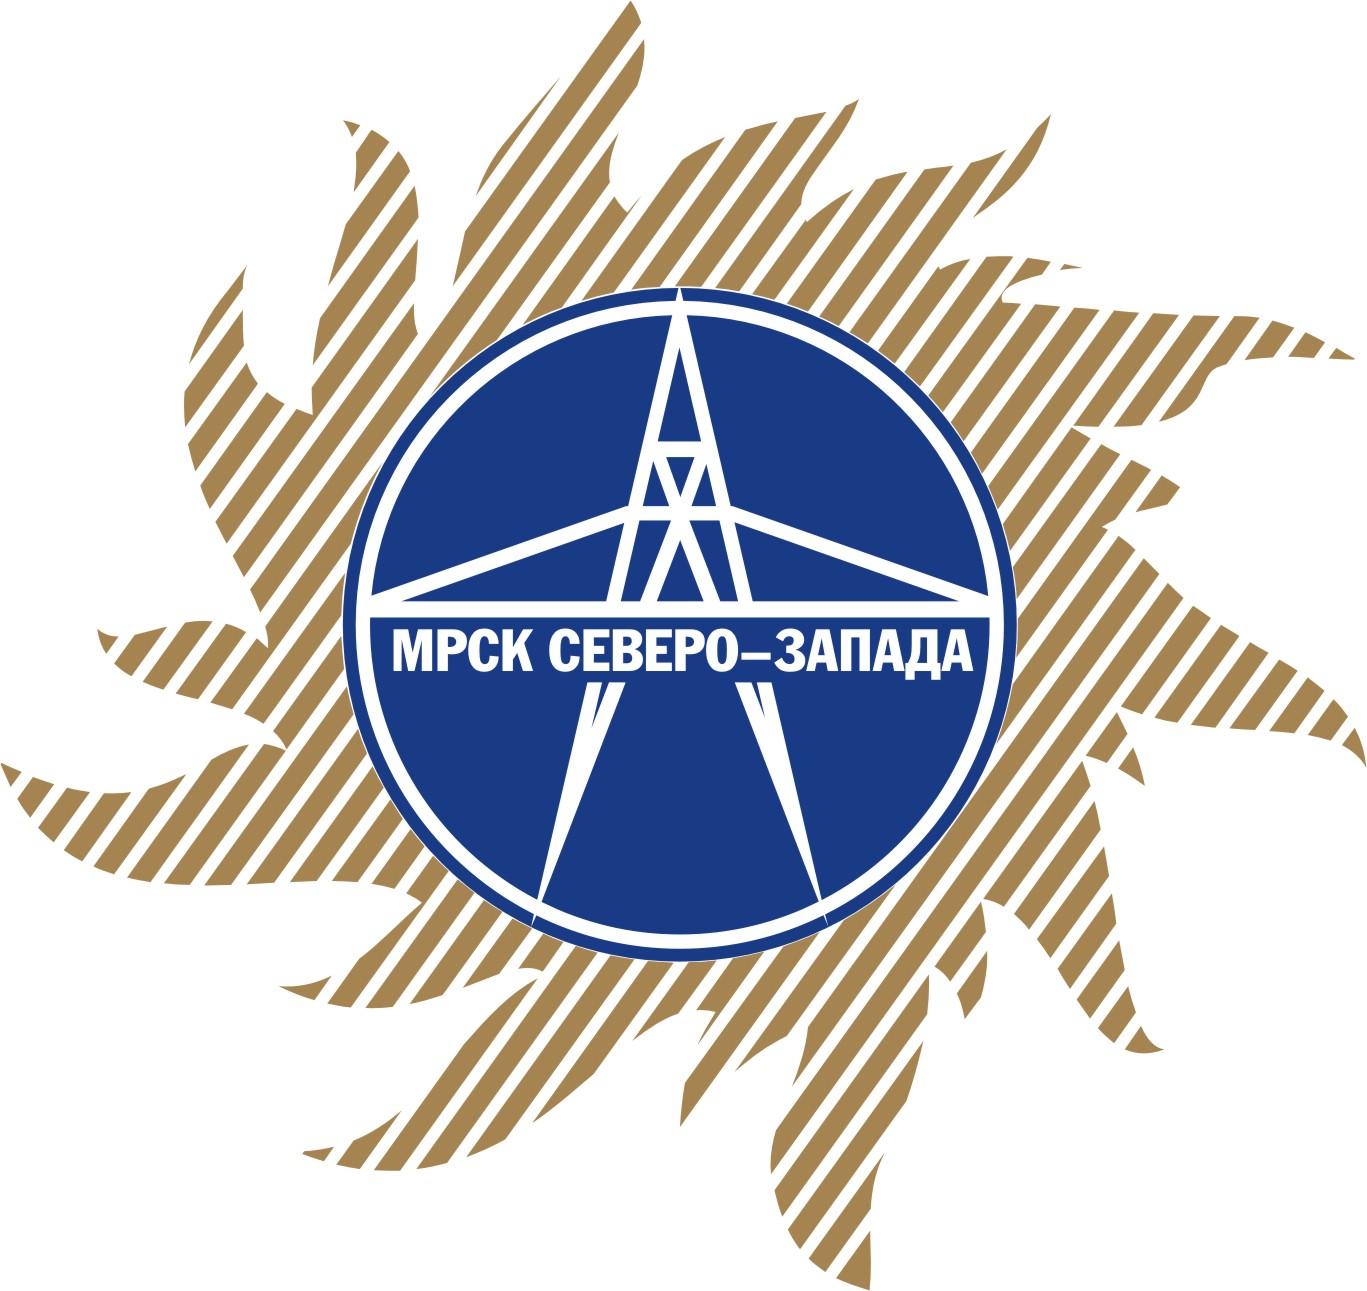 ОАО МРСК Северо-Запада